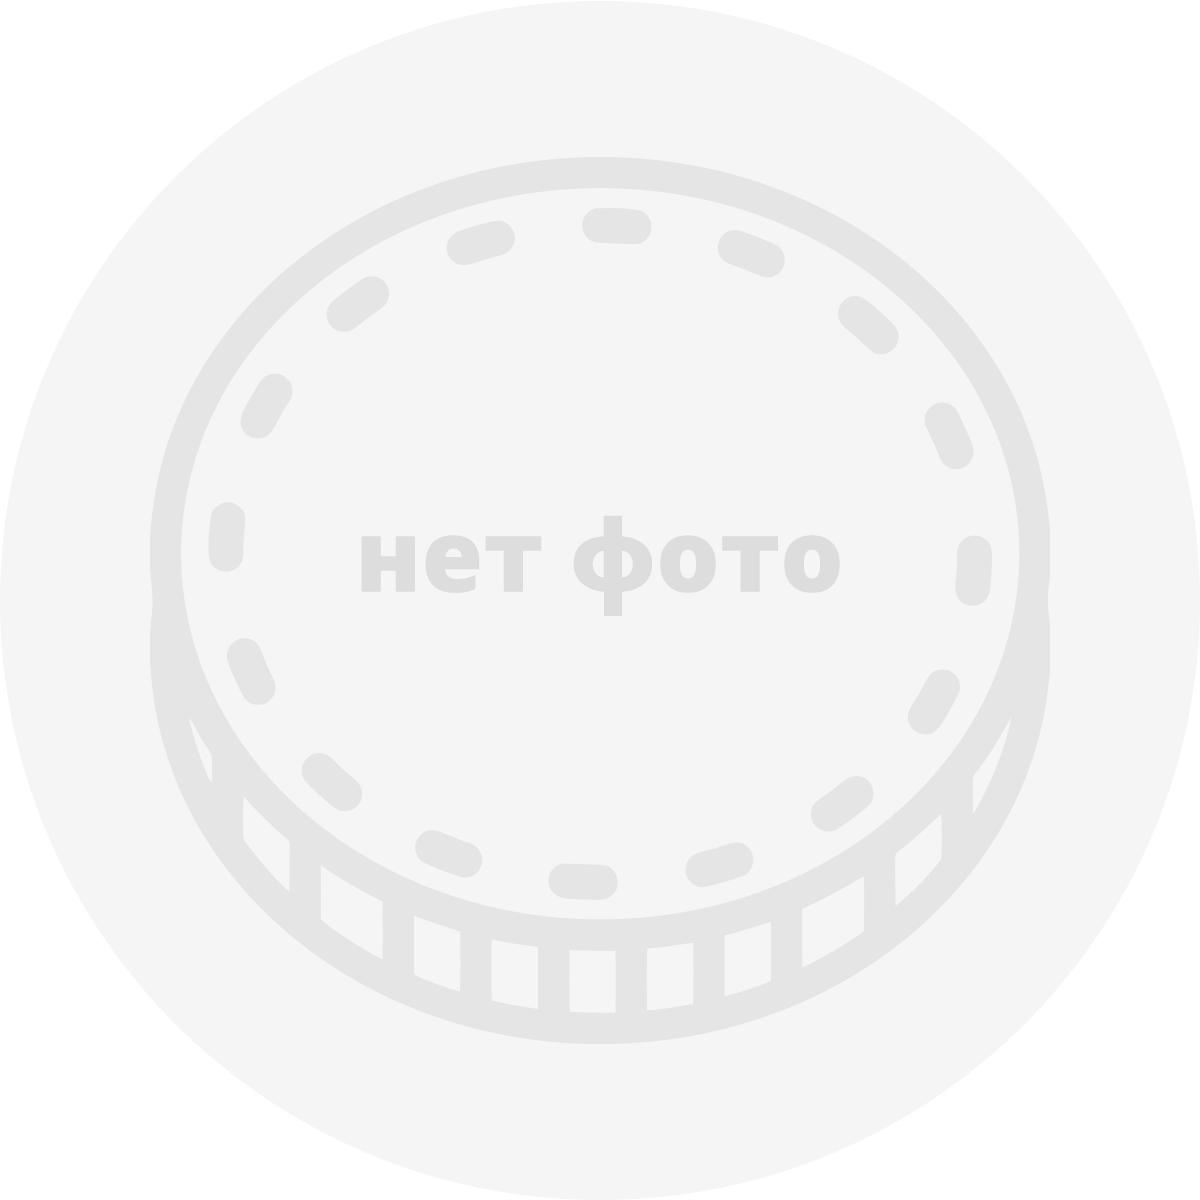 Остров Буве, Набор монет (2014 г.)